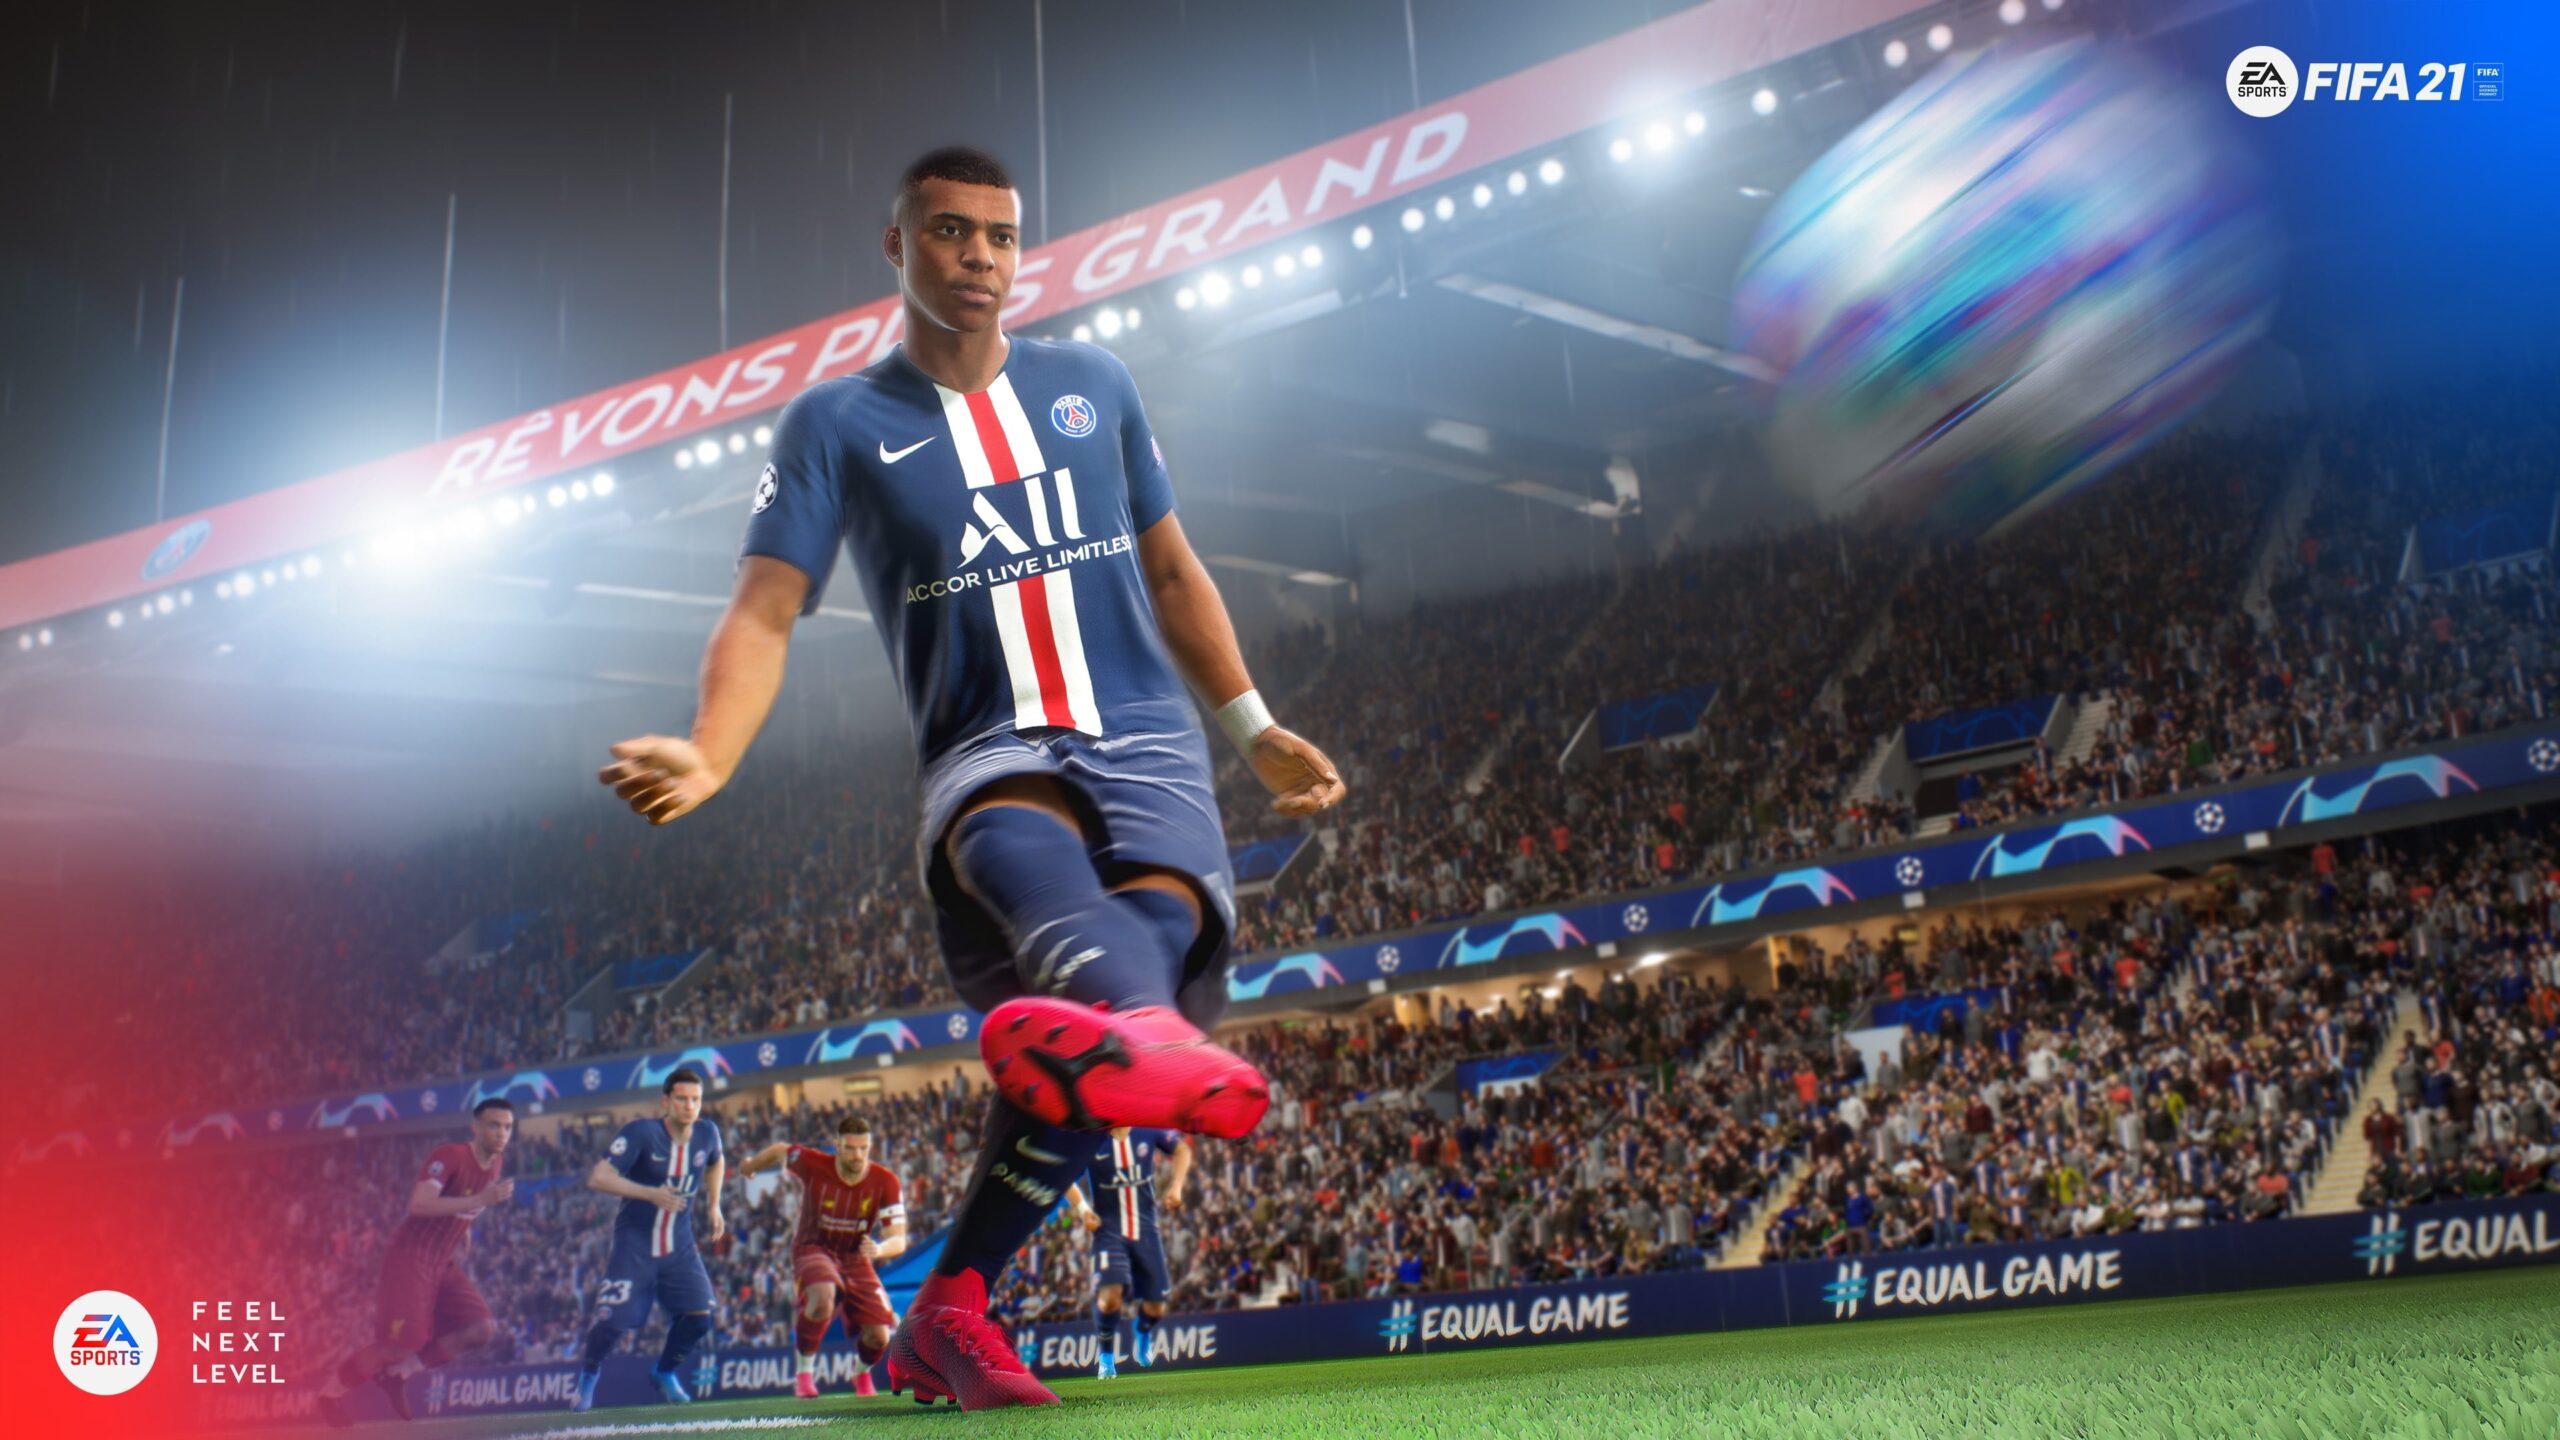 FIFA 21, svelata la copertina: il prescelto è Mbappè